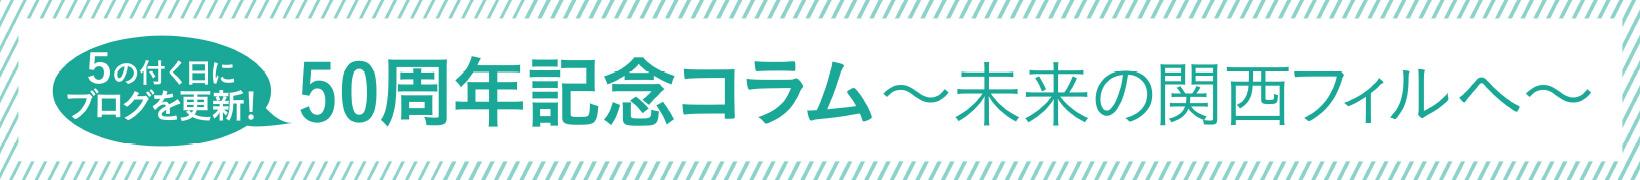 5の付く日にブログを更新!50周年記念コラム~未来の関西フィルへ~